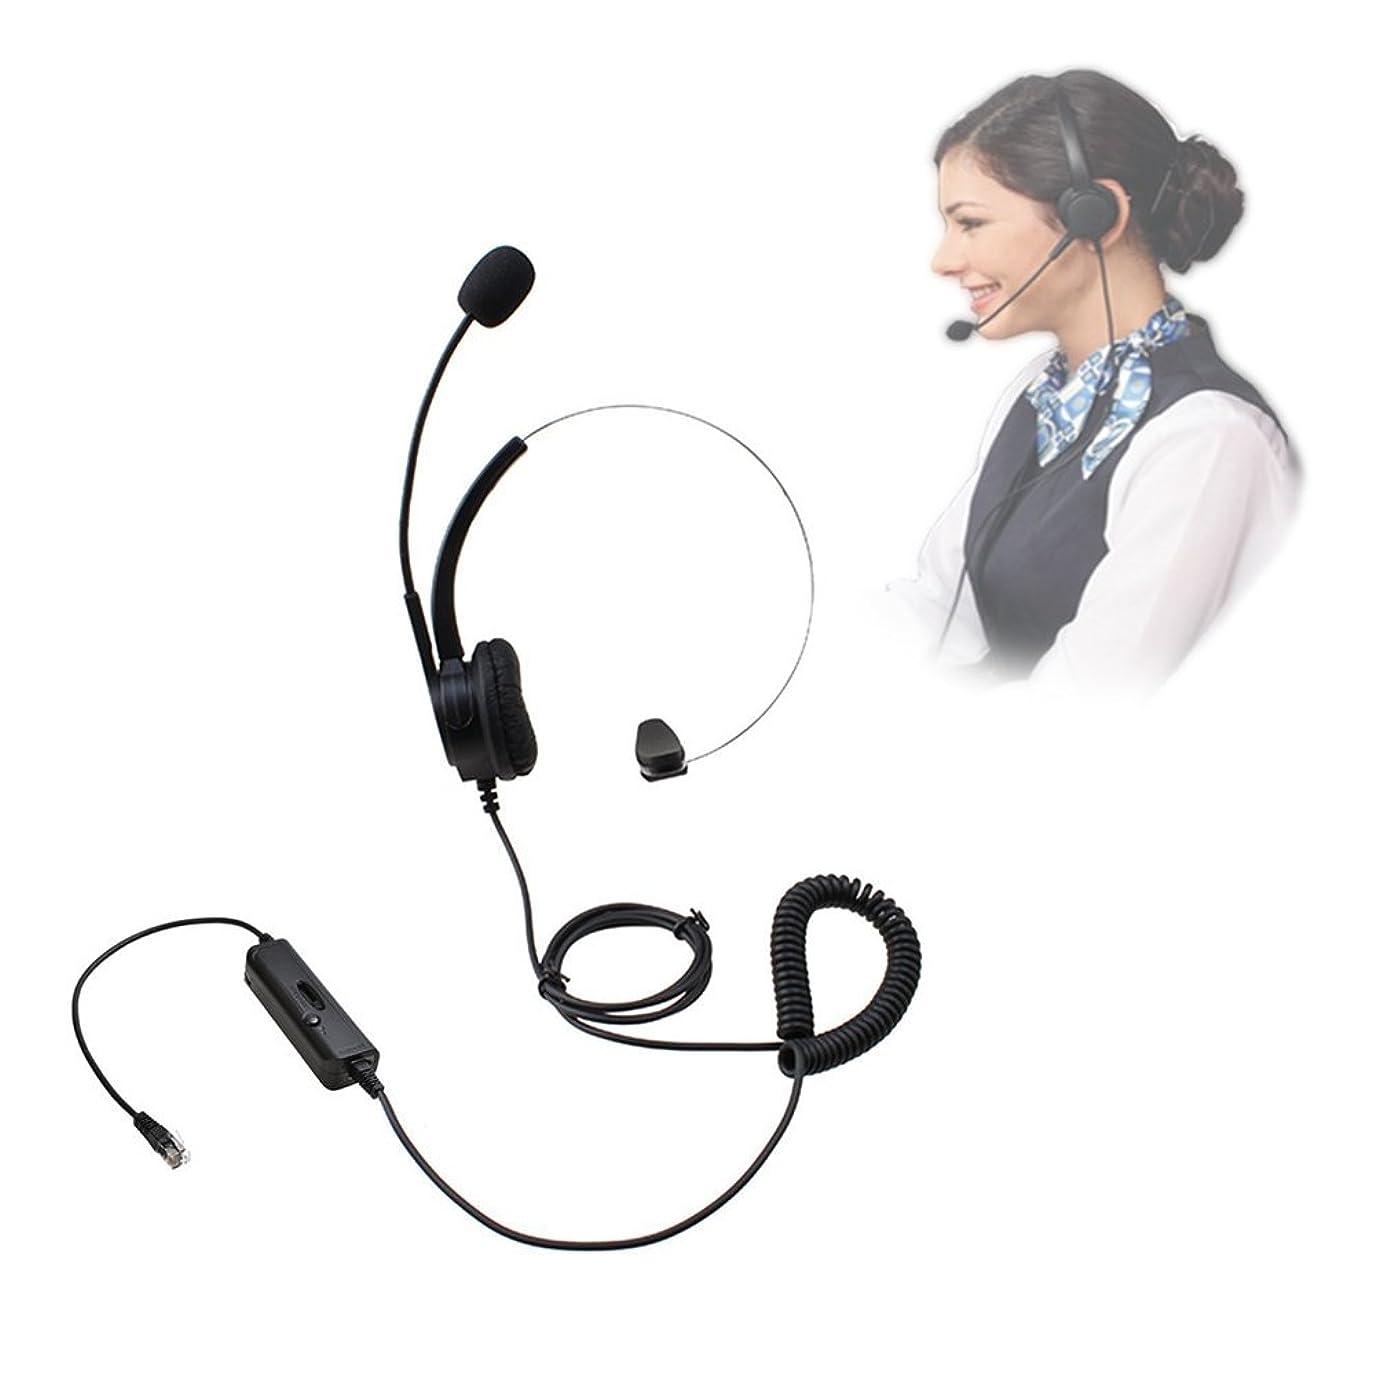 奨学金させる動機付けるVINSOOコールセンターヘッドセット、ハンズフリーコールセンター騒音キャンセルコーデッドモノラルヘッドセットヘッドフォン(4ピンRJ9クリスタルヘッド付き)、デスク用のコール用マイクマイク電話センター電話